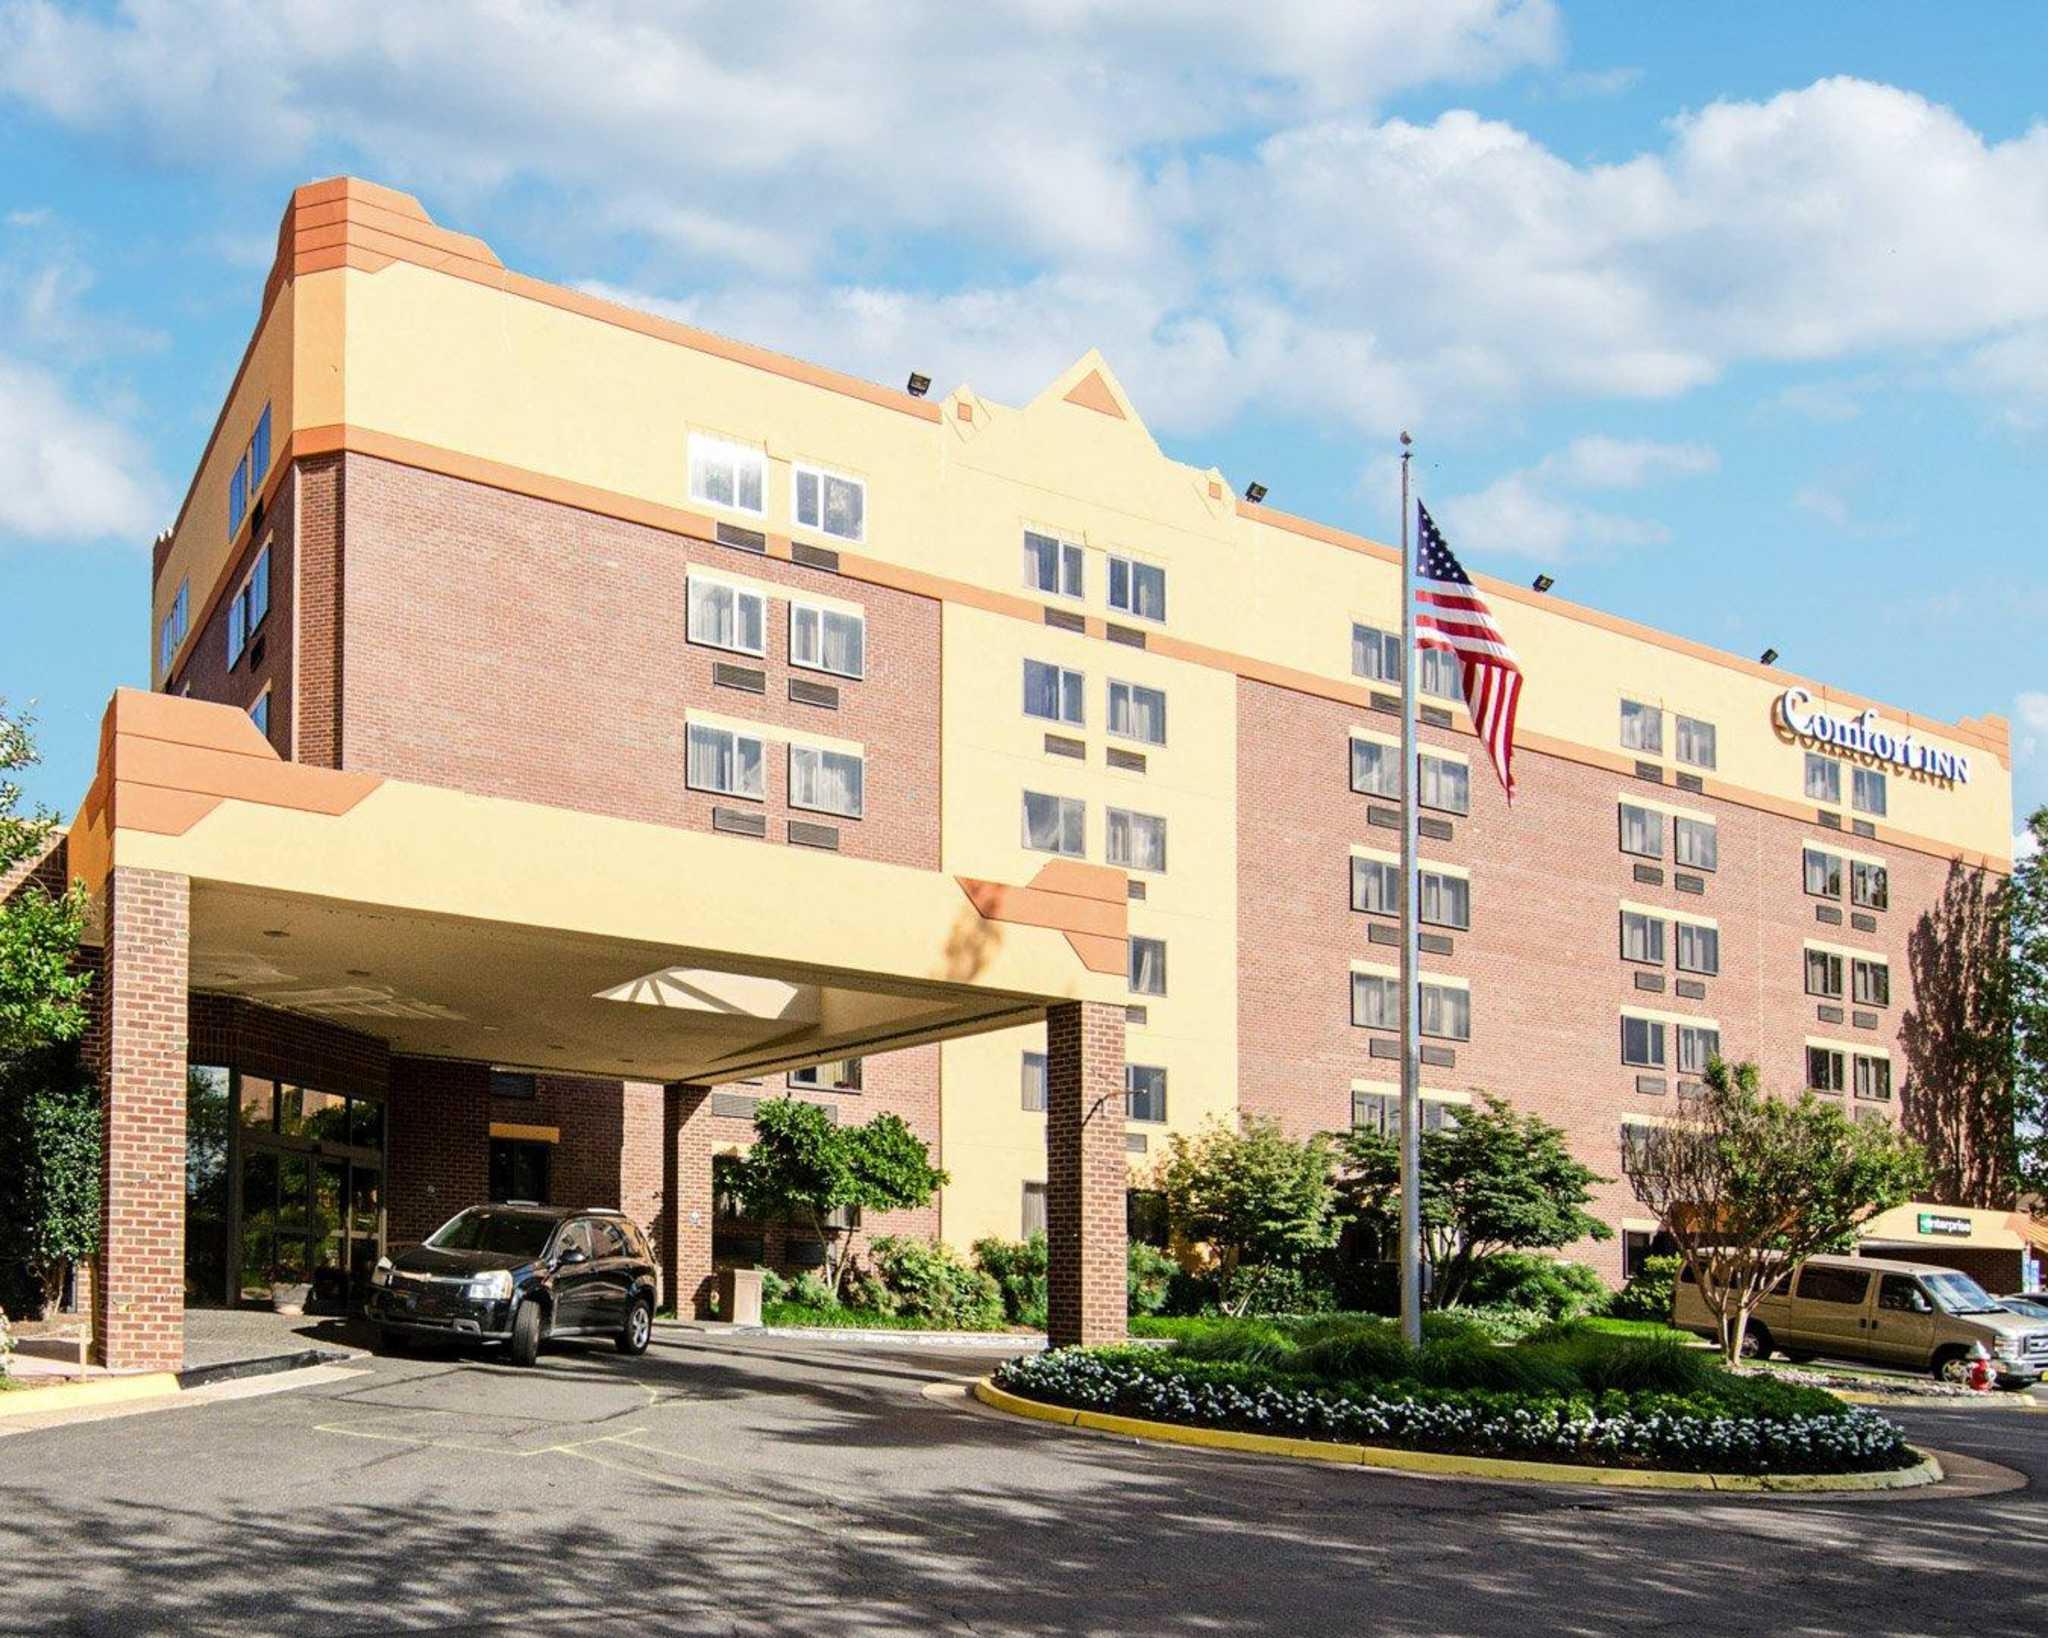 Comfort Inn Fairfax Va Ballkleiderat Comfort Inn Fairfax